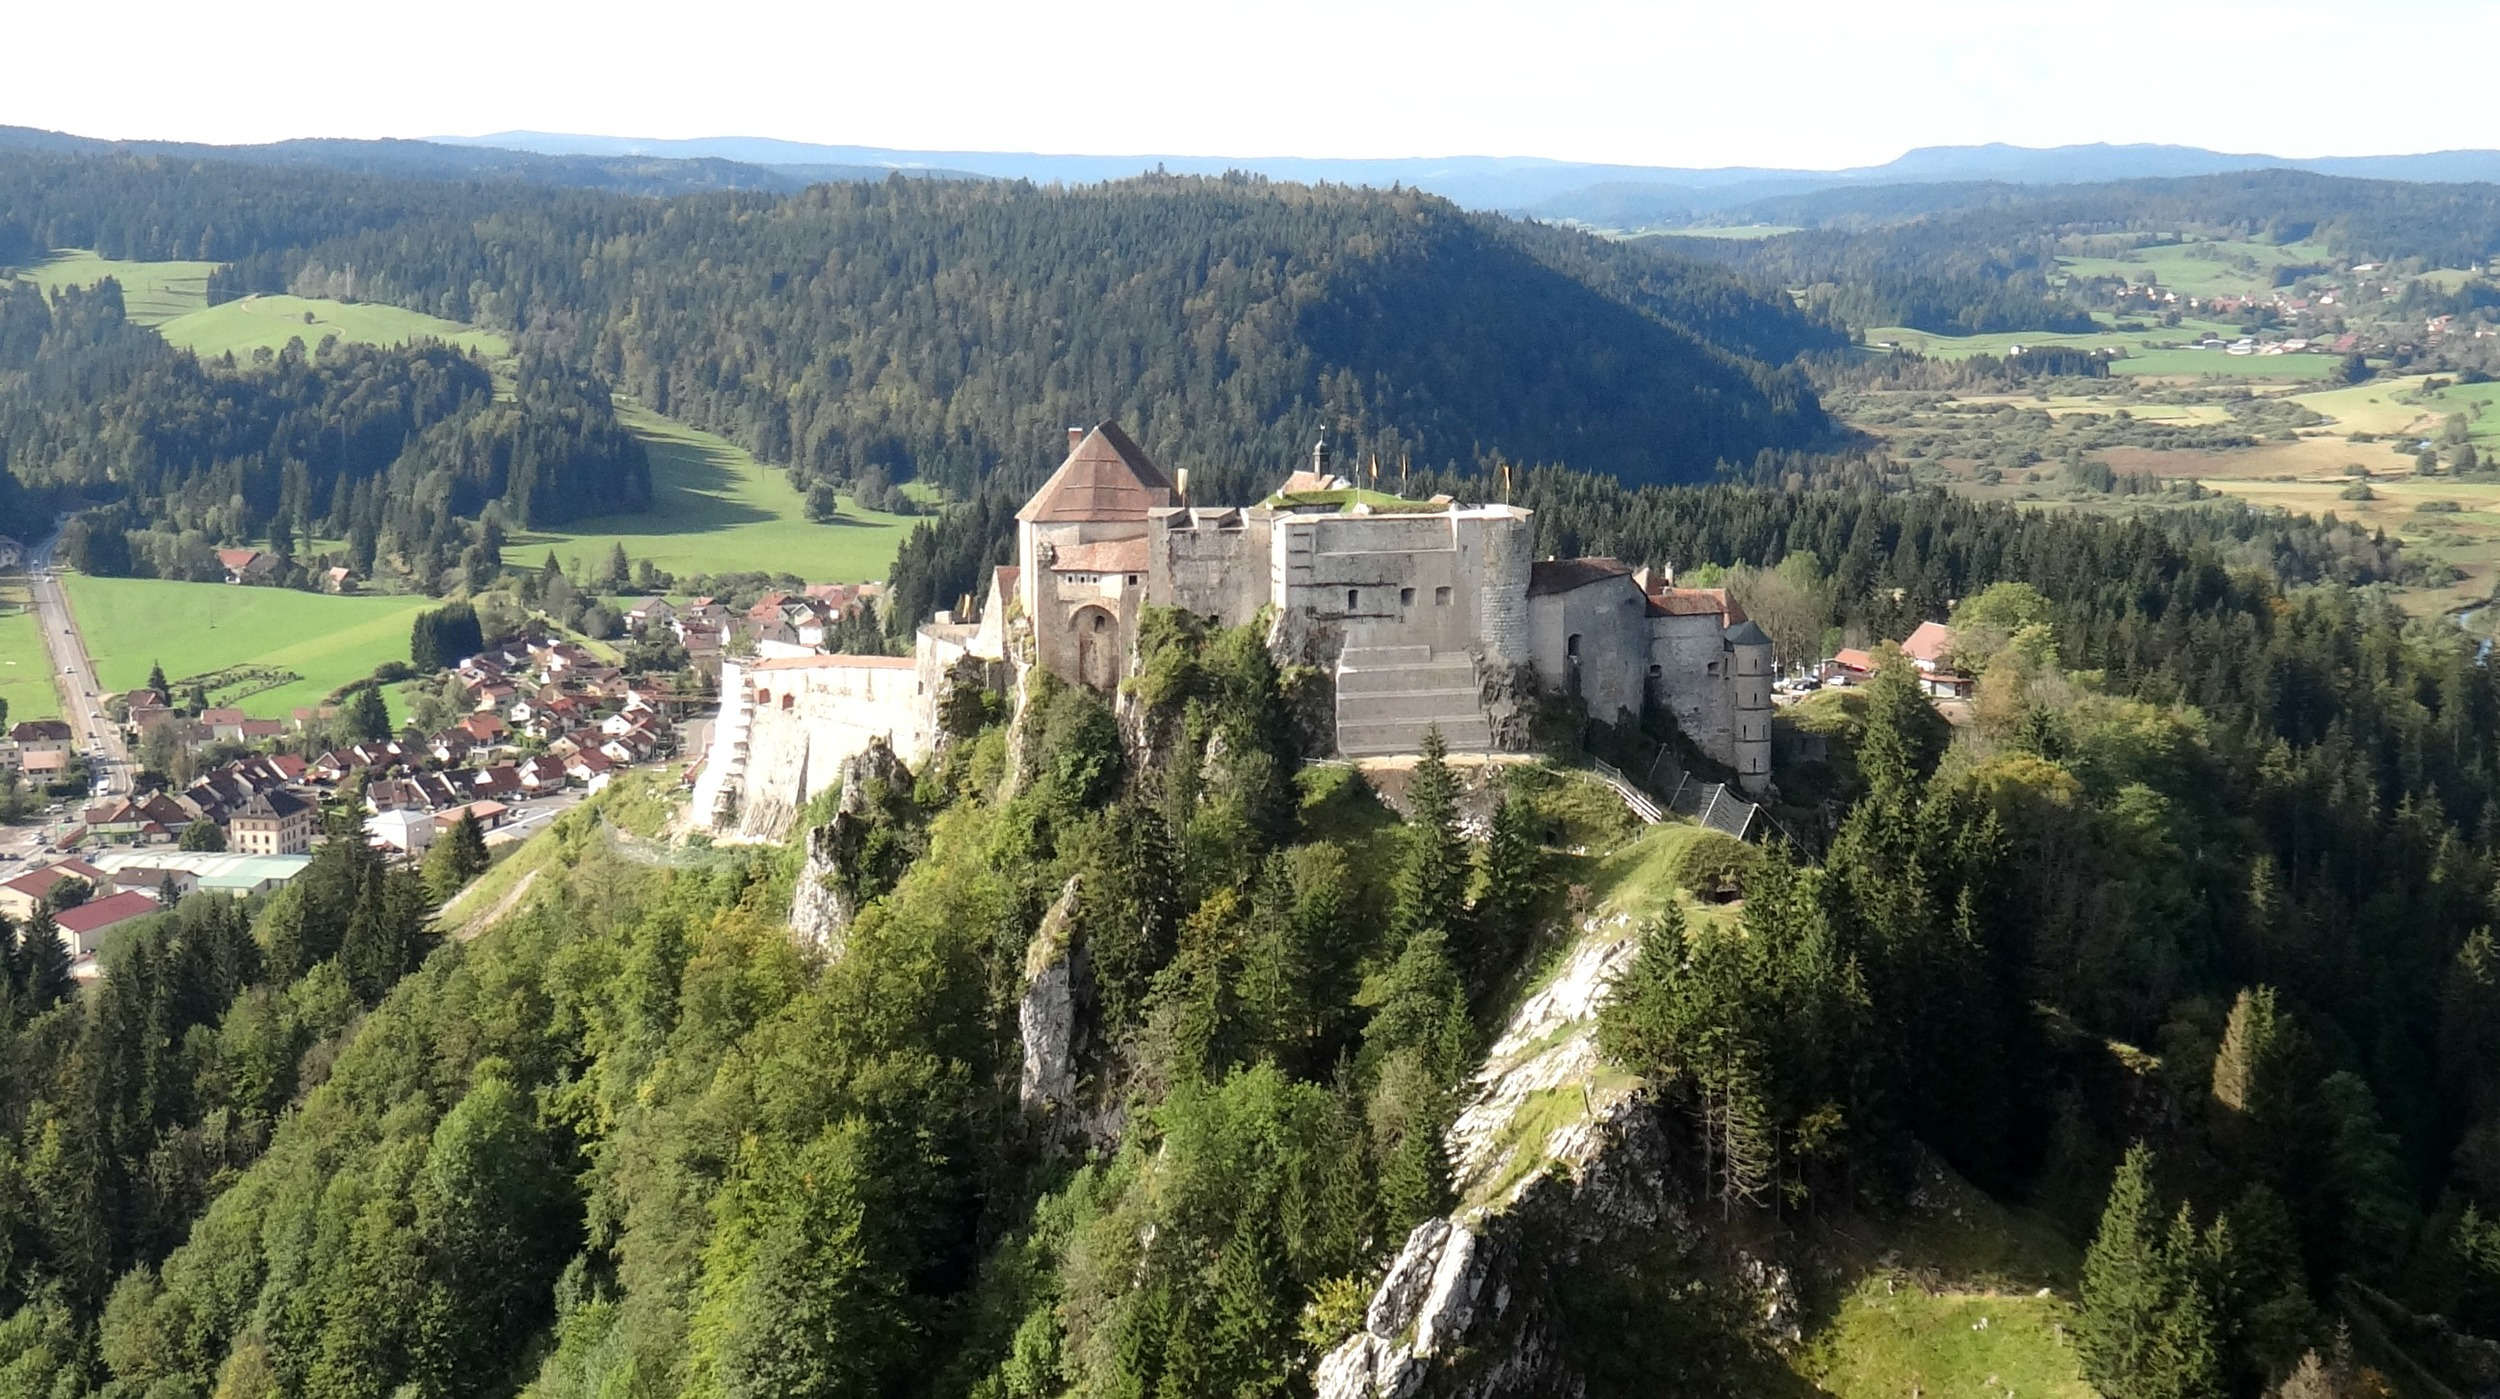 The imposing Chateau de Joux